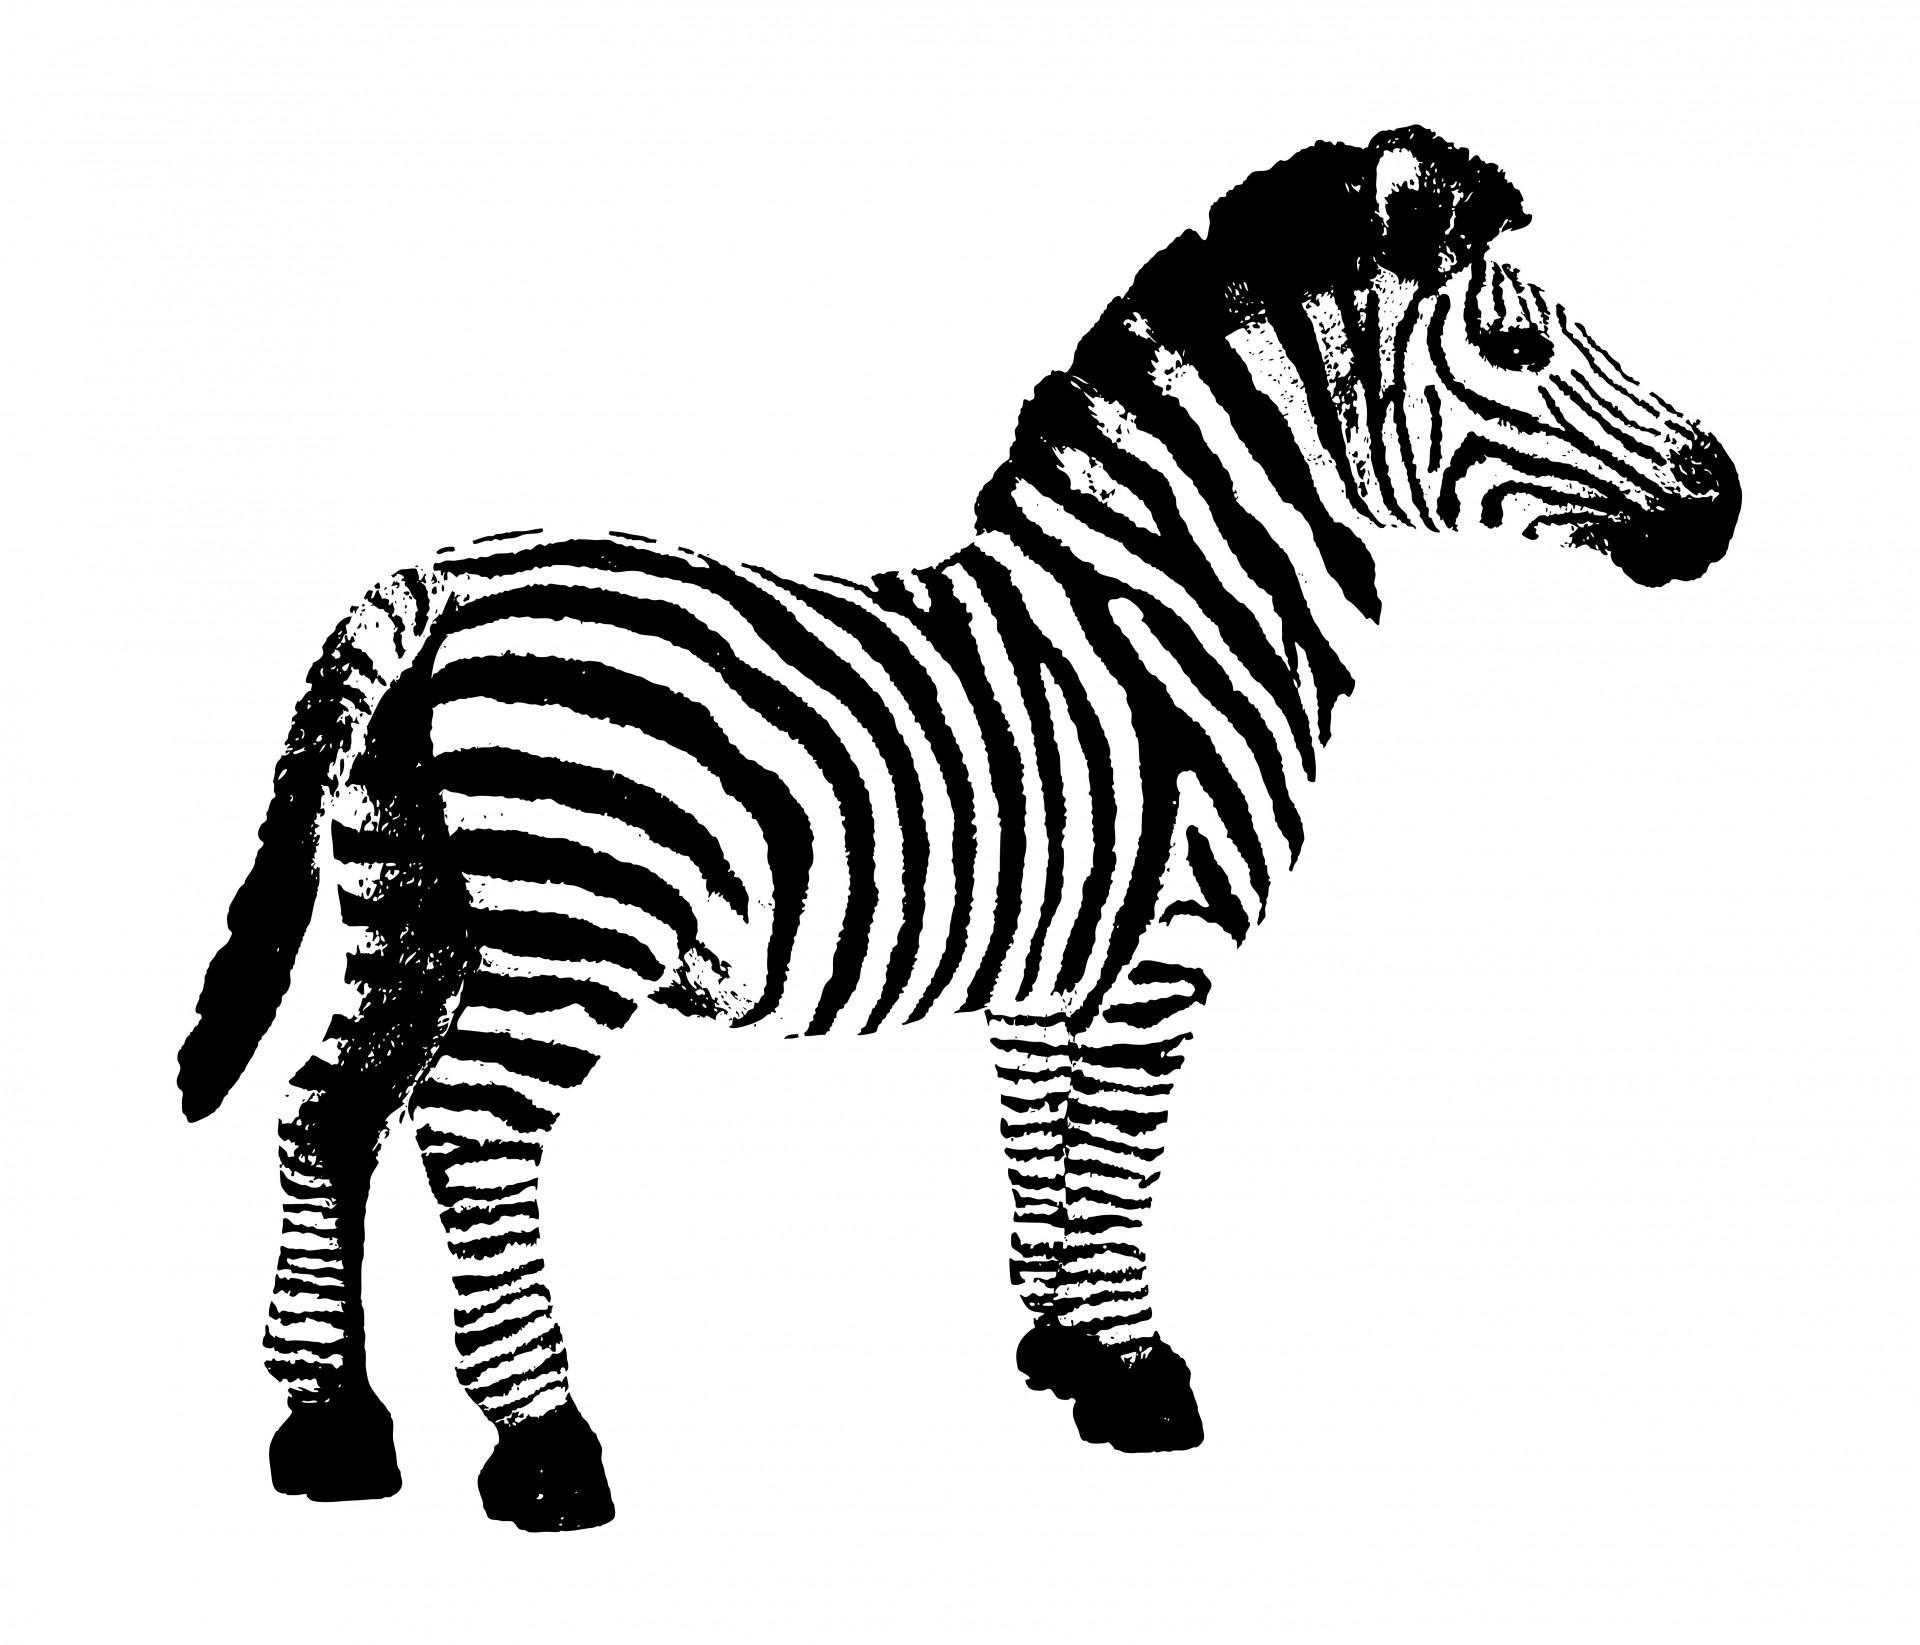 3654 Zebra free clipart.